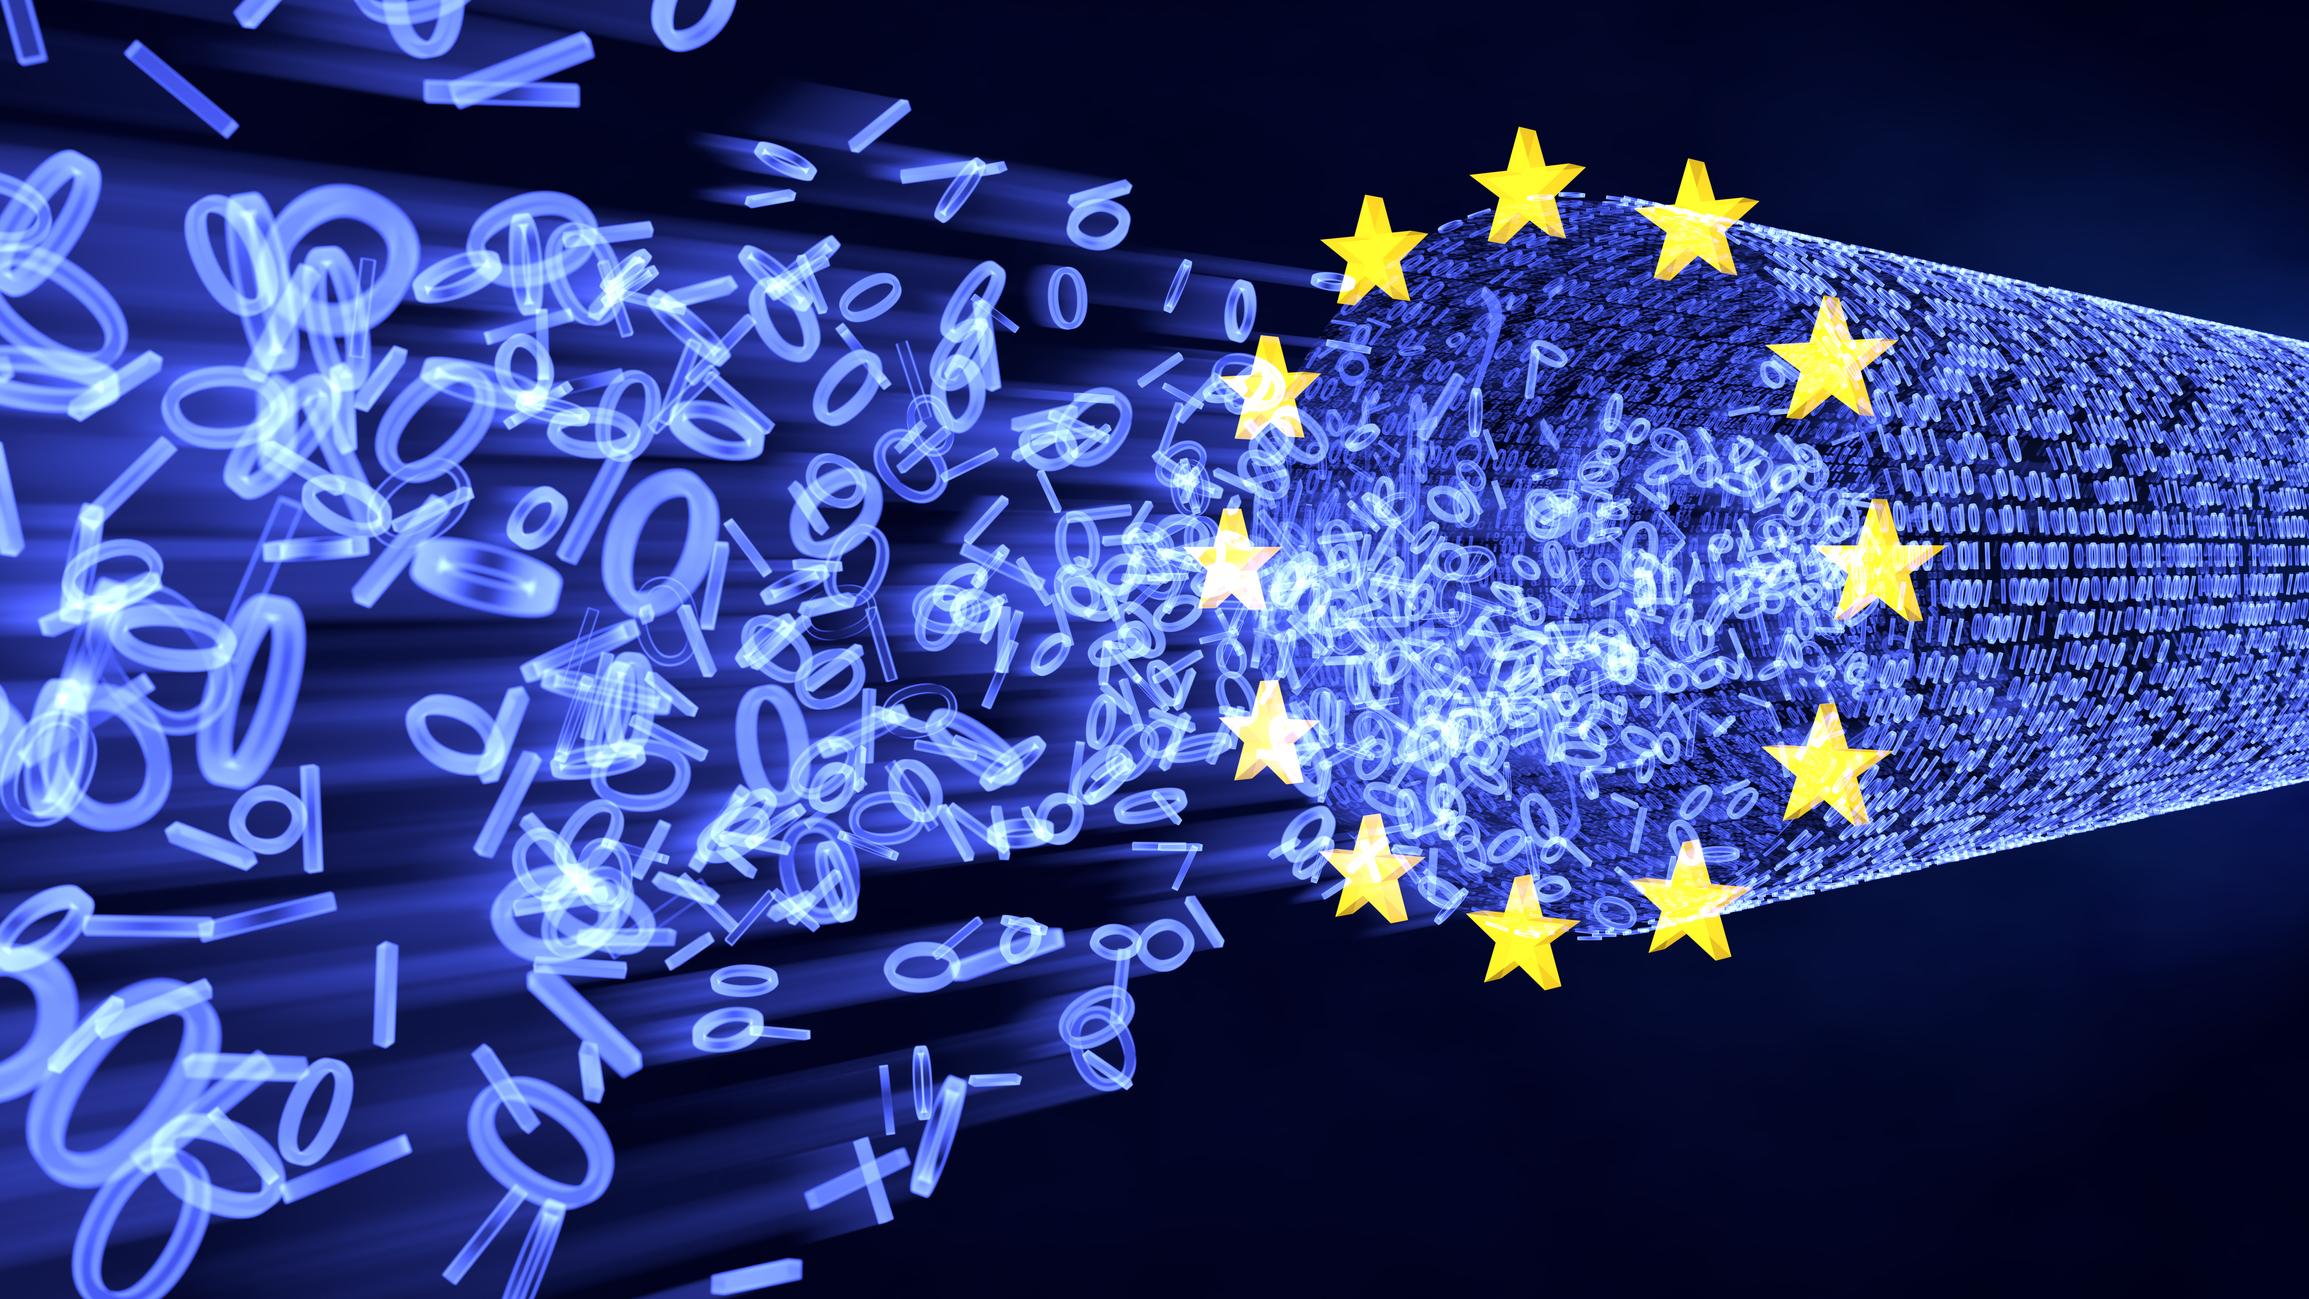 EU krepi kibernetsko varnost, pri tem sodelujejo tudi slovenski strokovnjaki